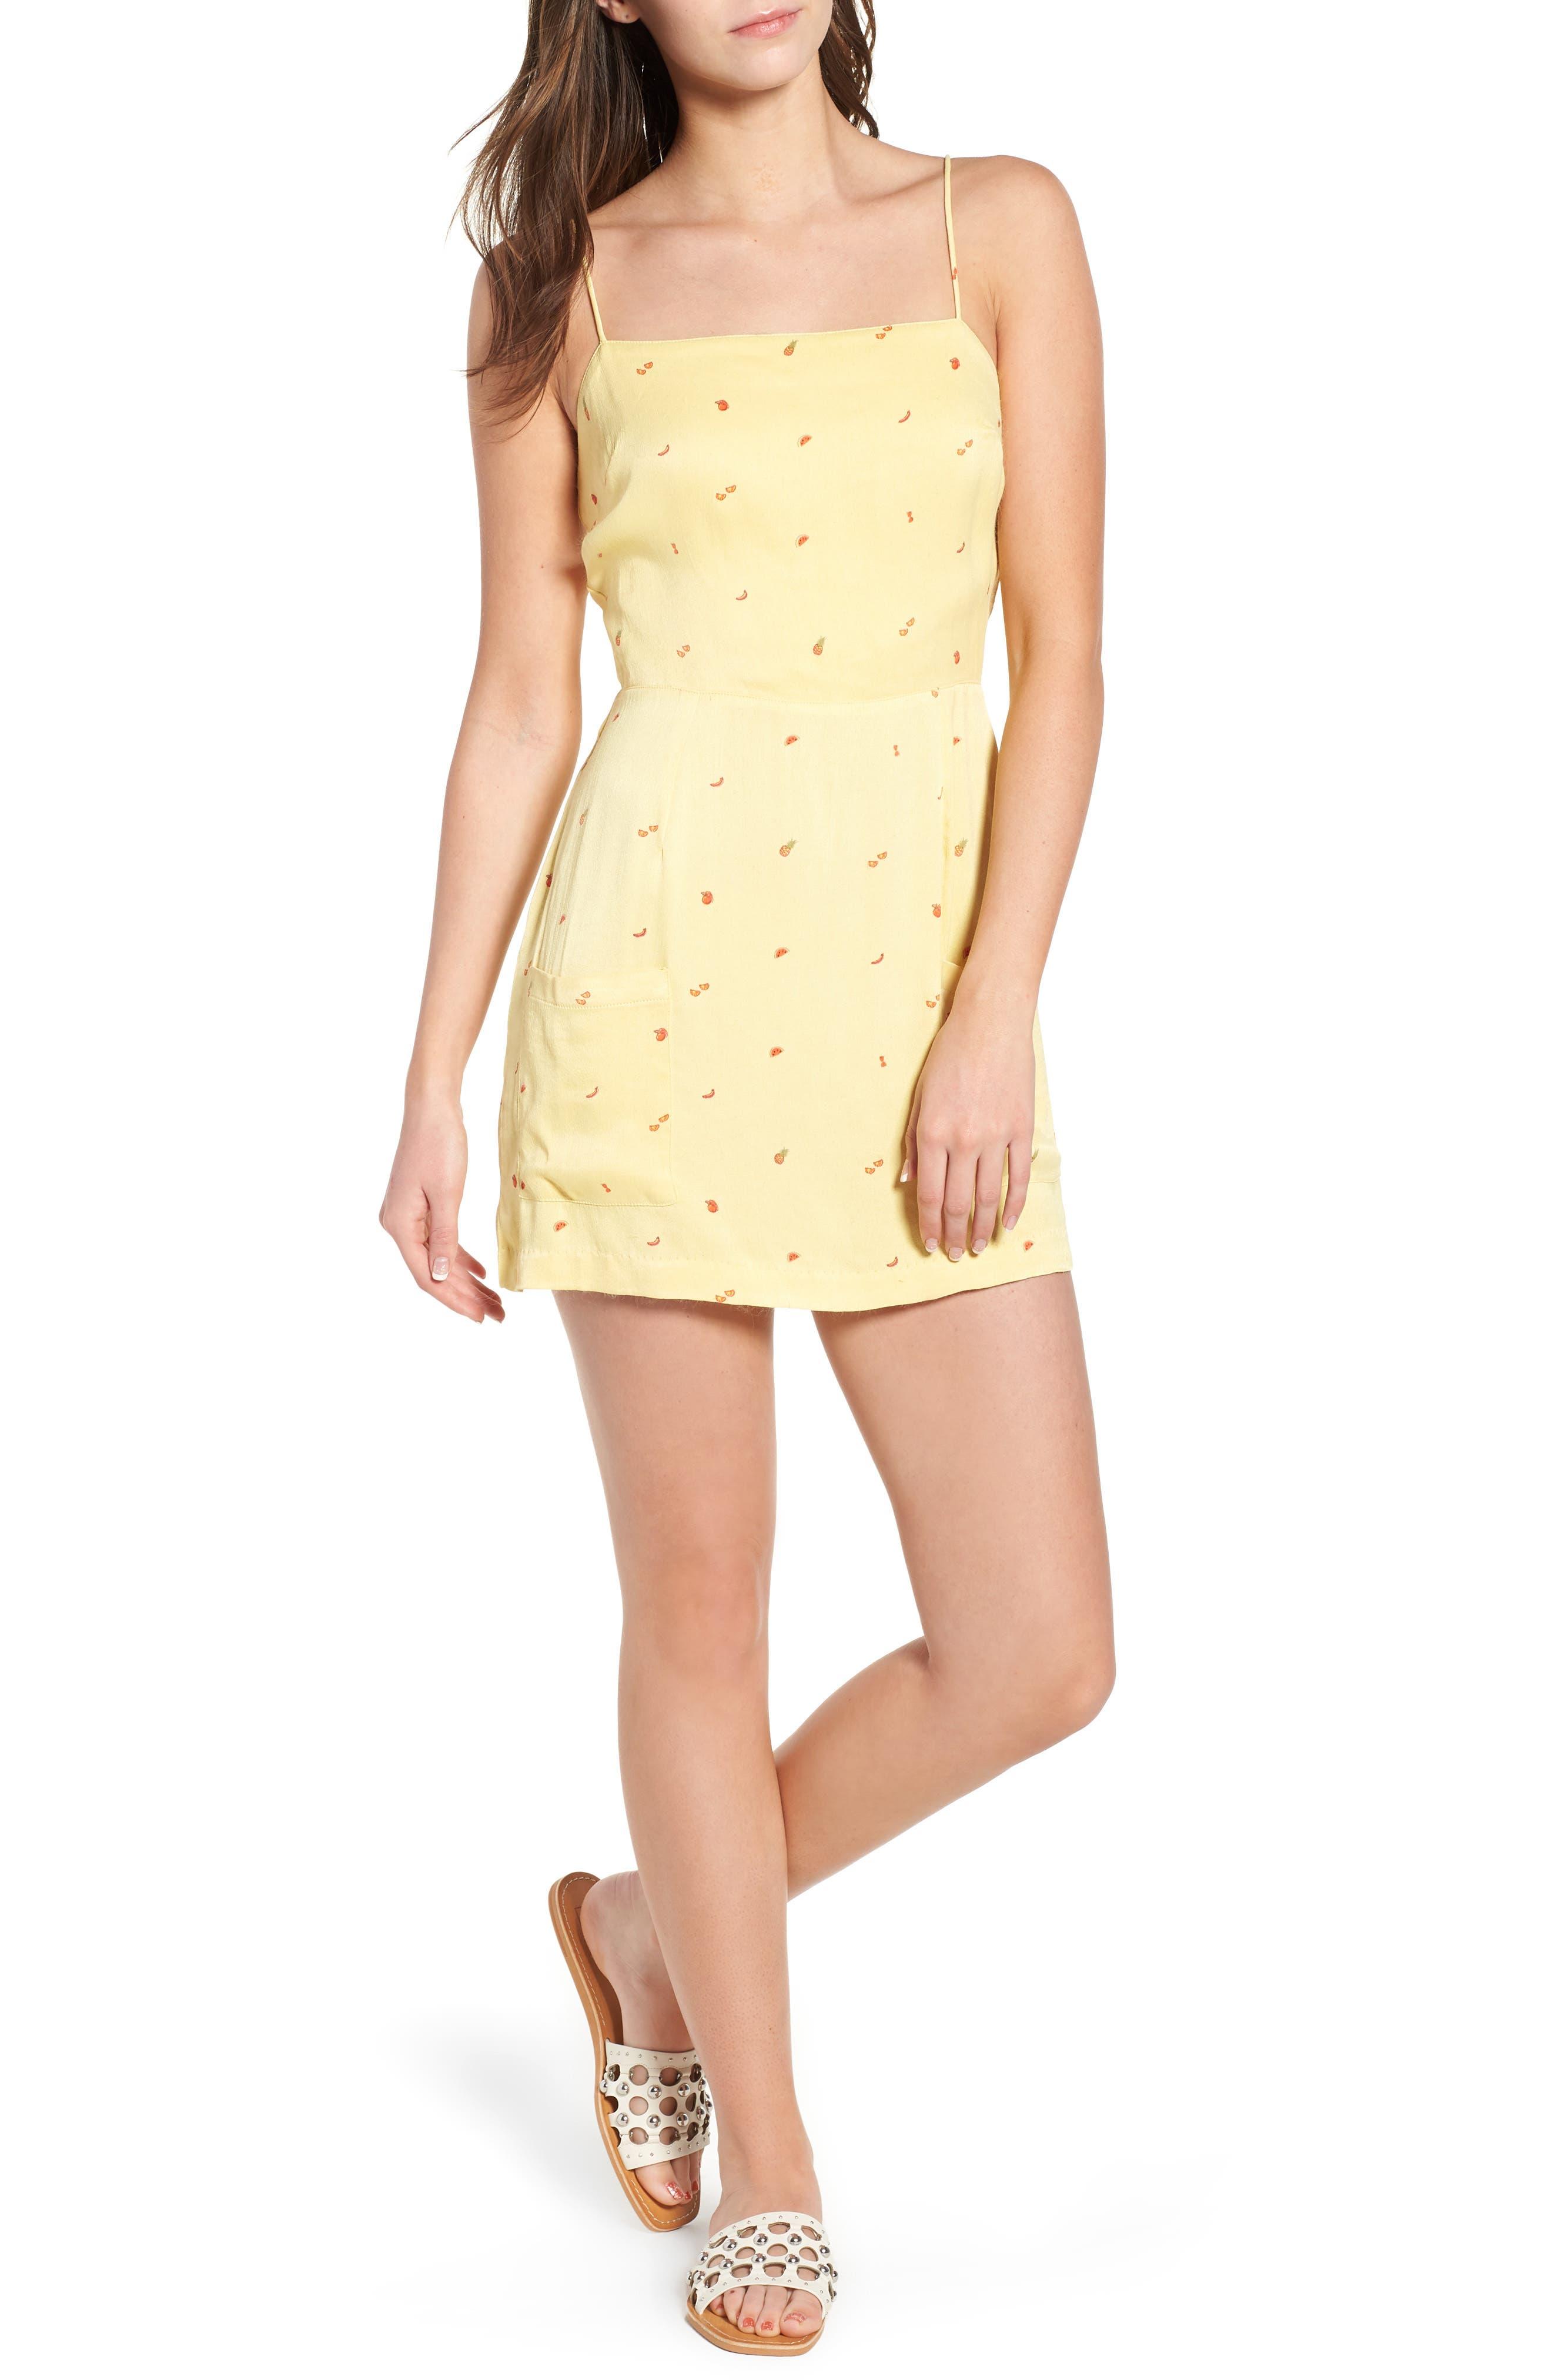 Shilo Fruit Print Minidress,                         Main,                         color,